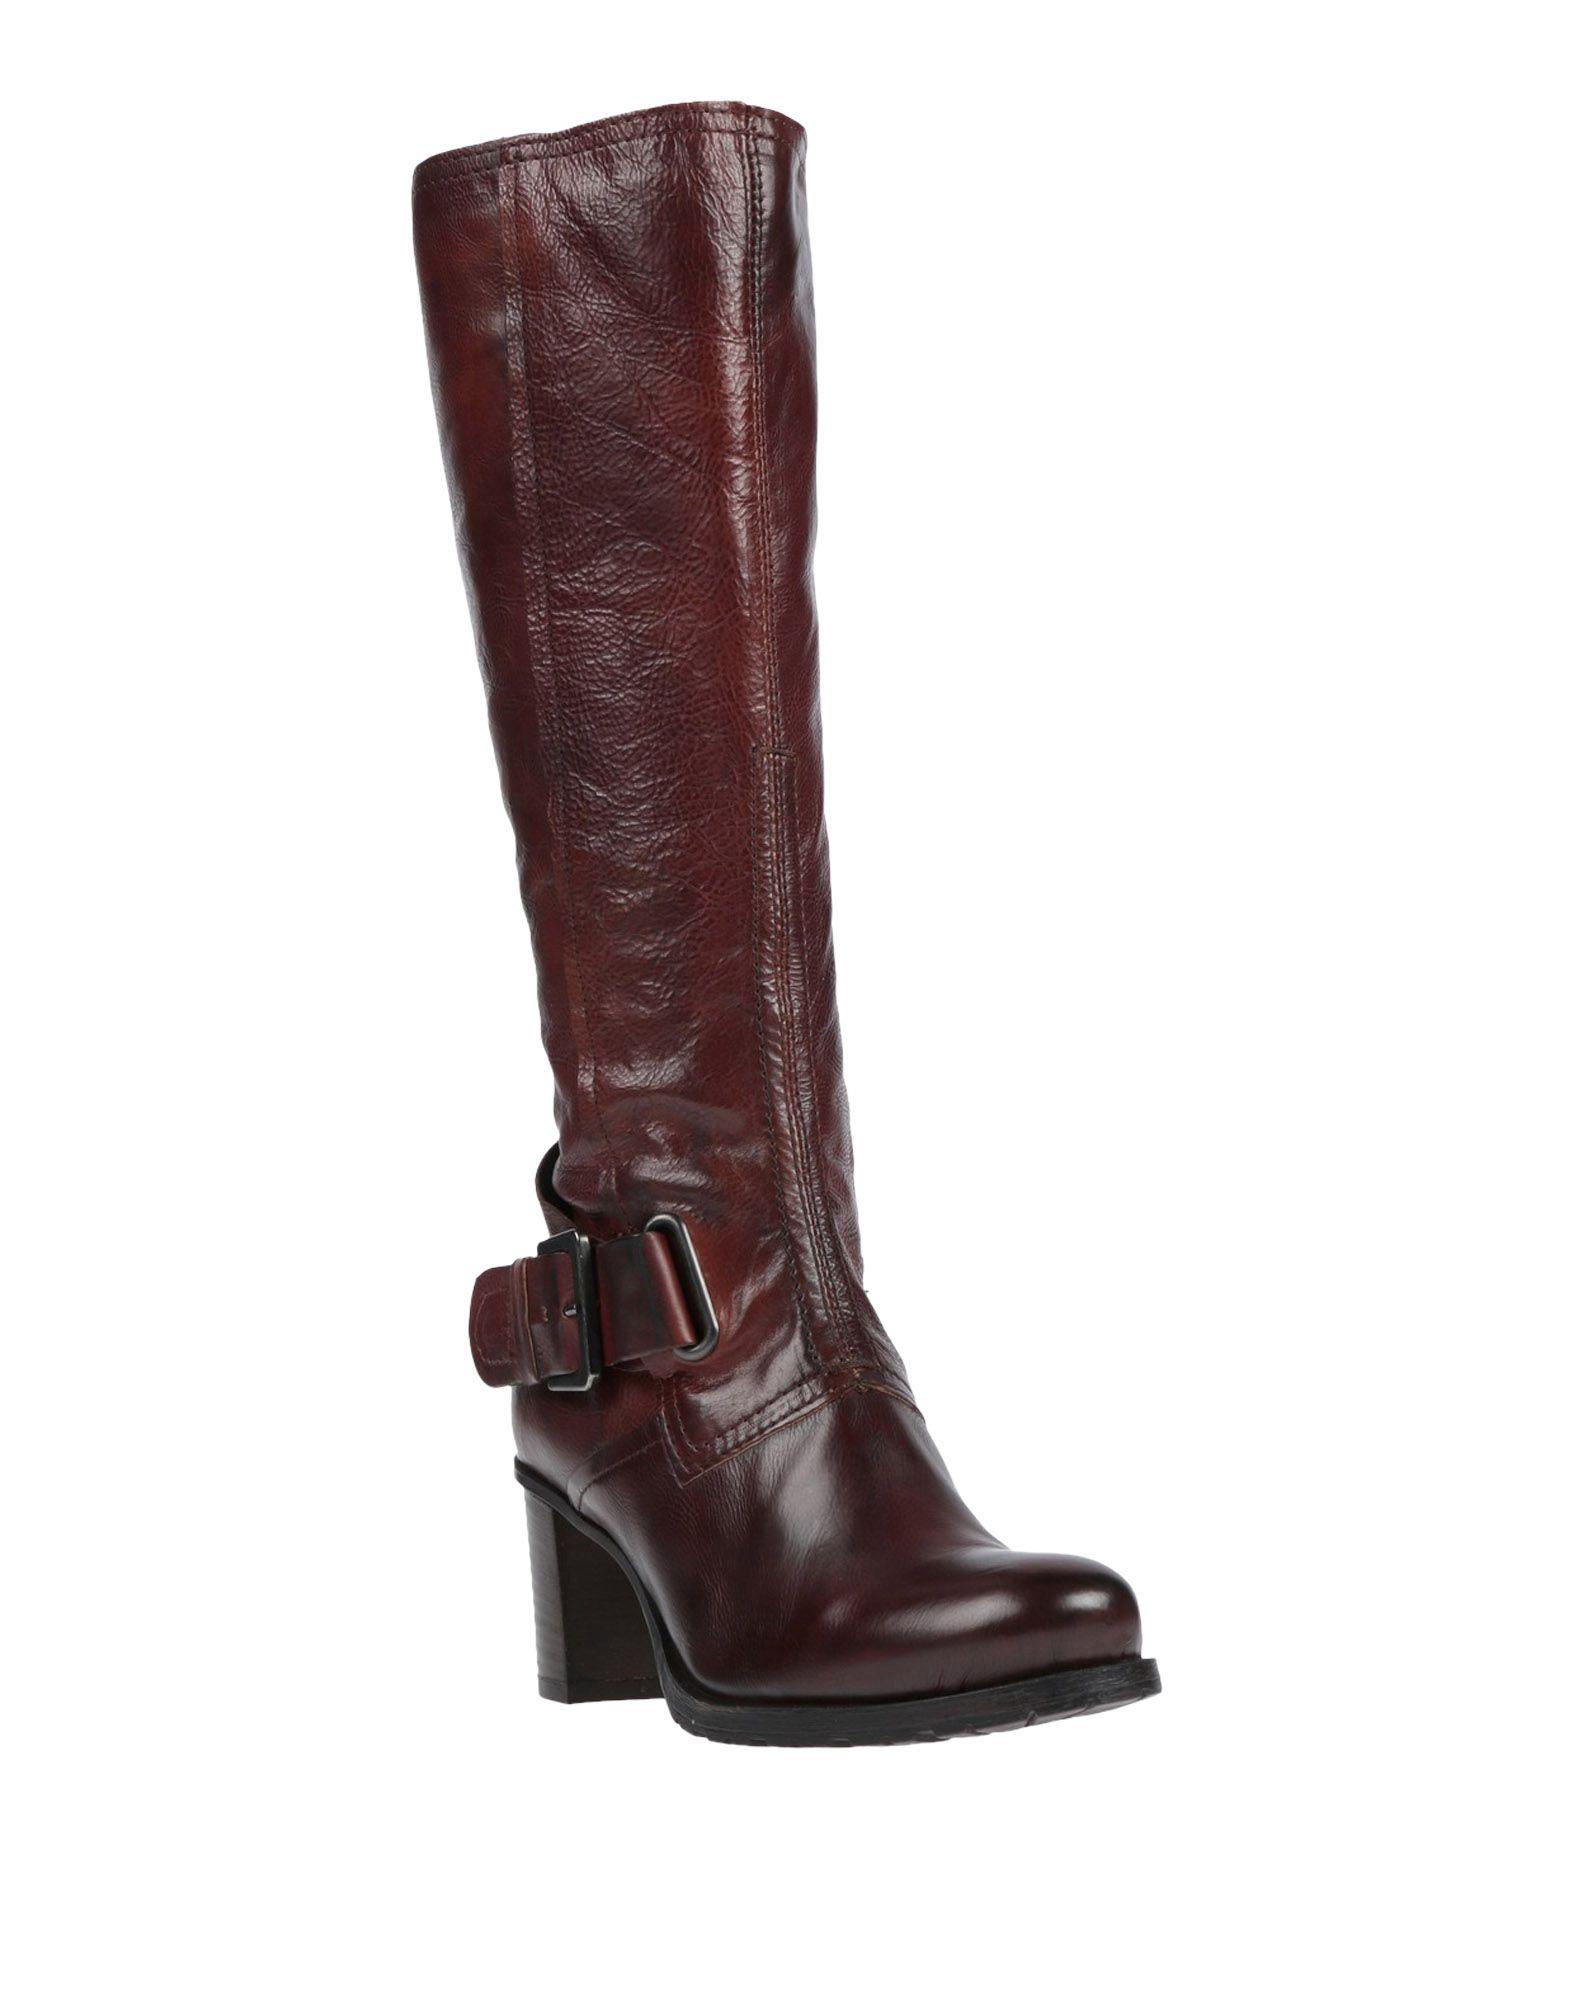 Manas Stiefel Damen  11533783UR Gute Qualität beliebte Schuhe